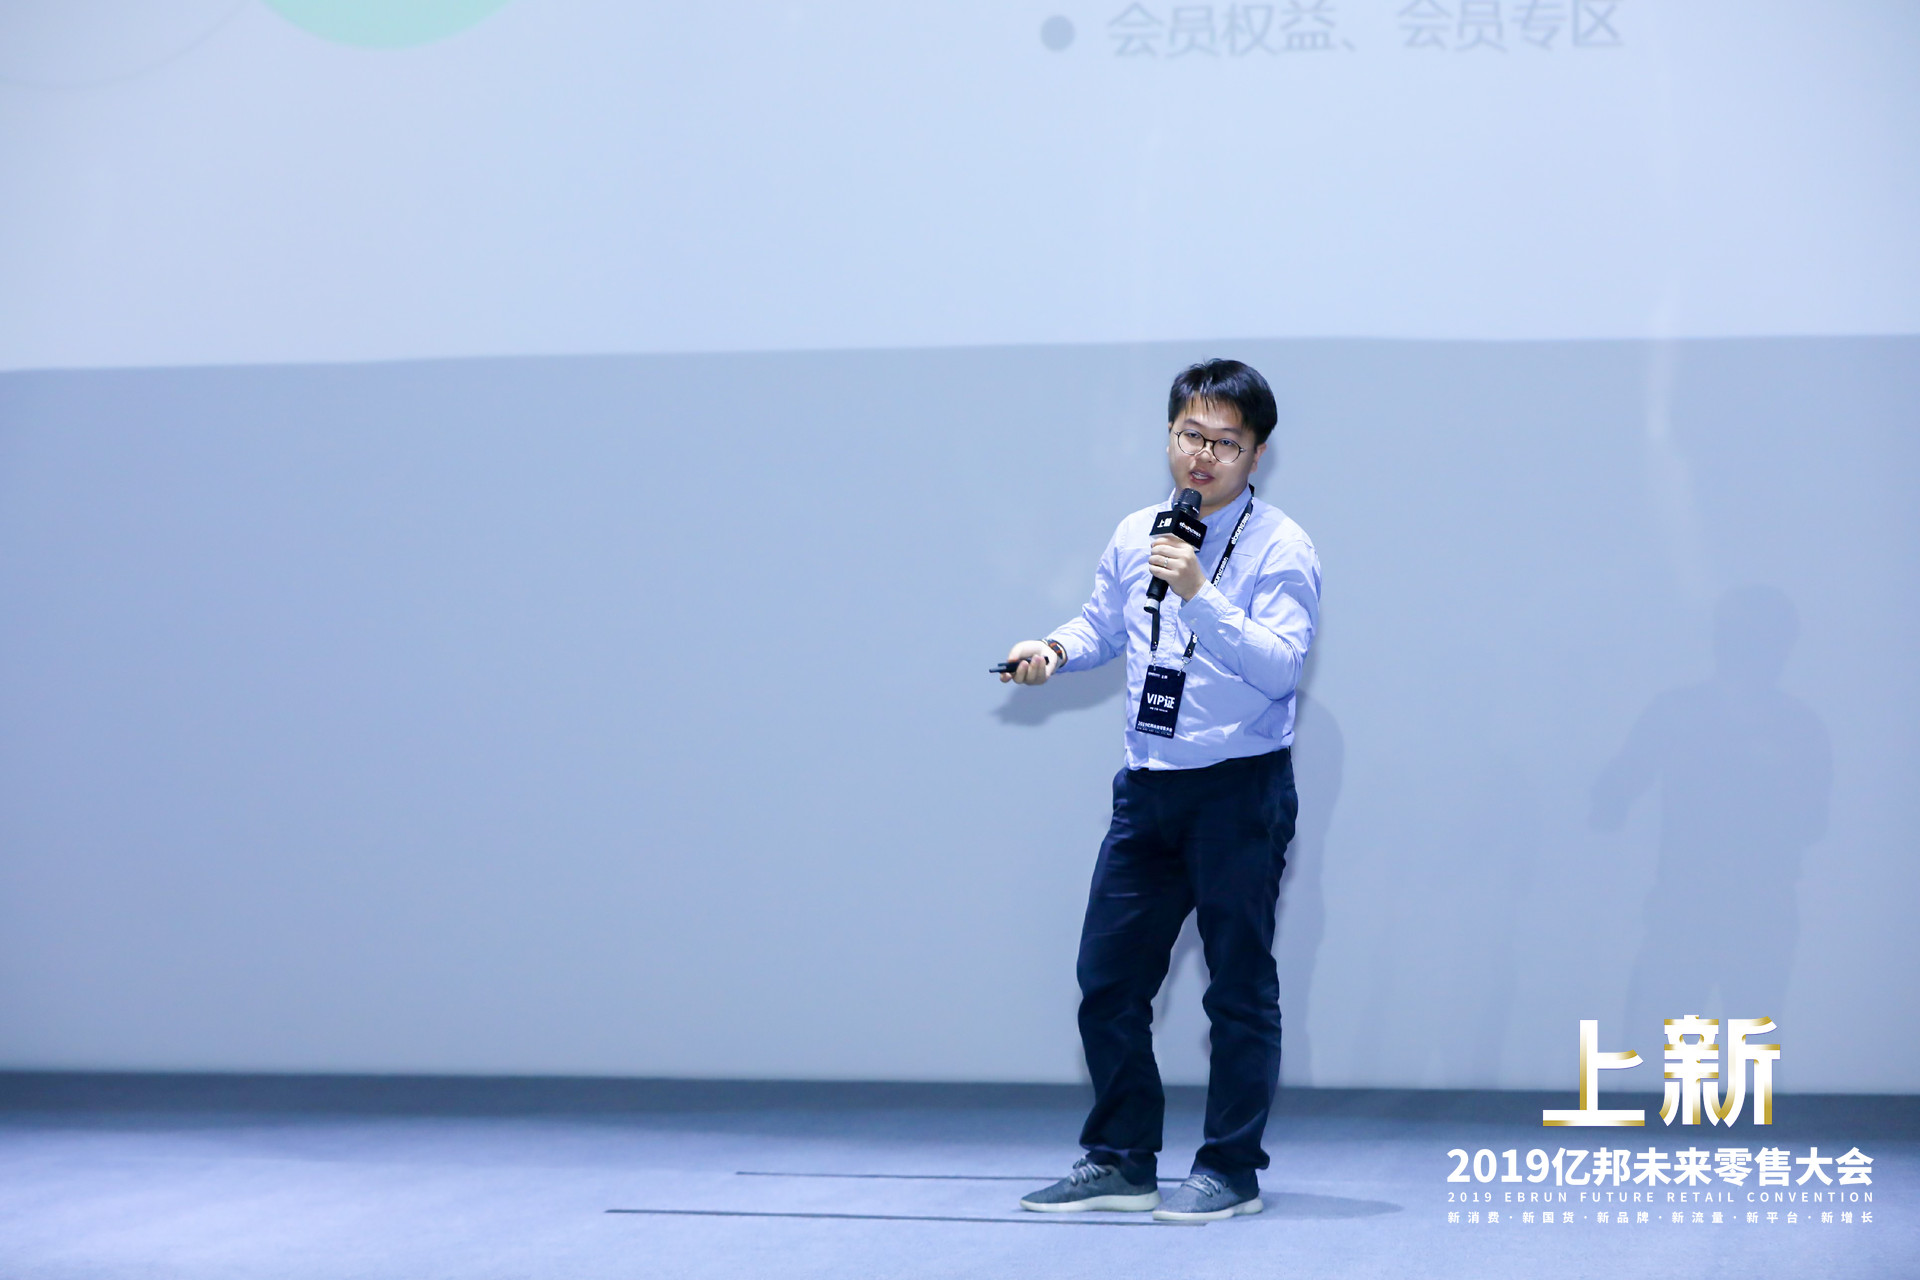 神策数据副总裁张涛:行为数据可变成运营动作的触发点